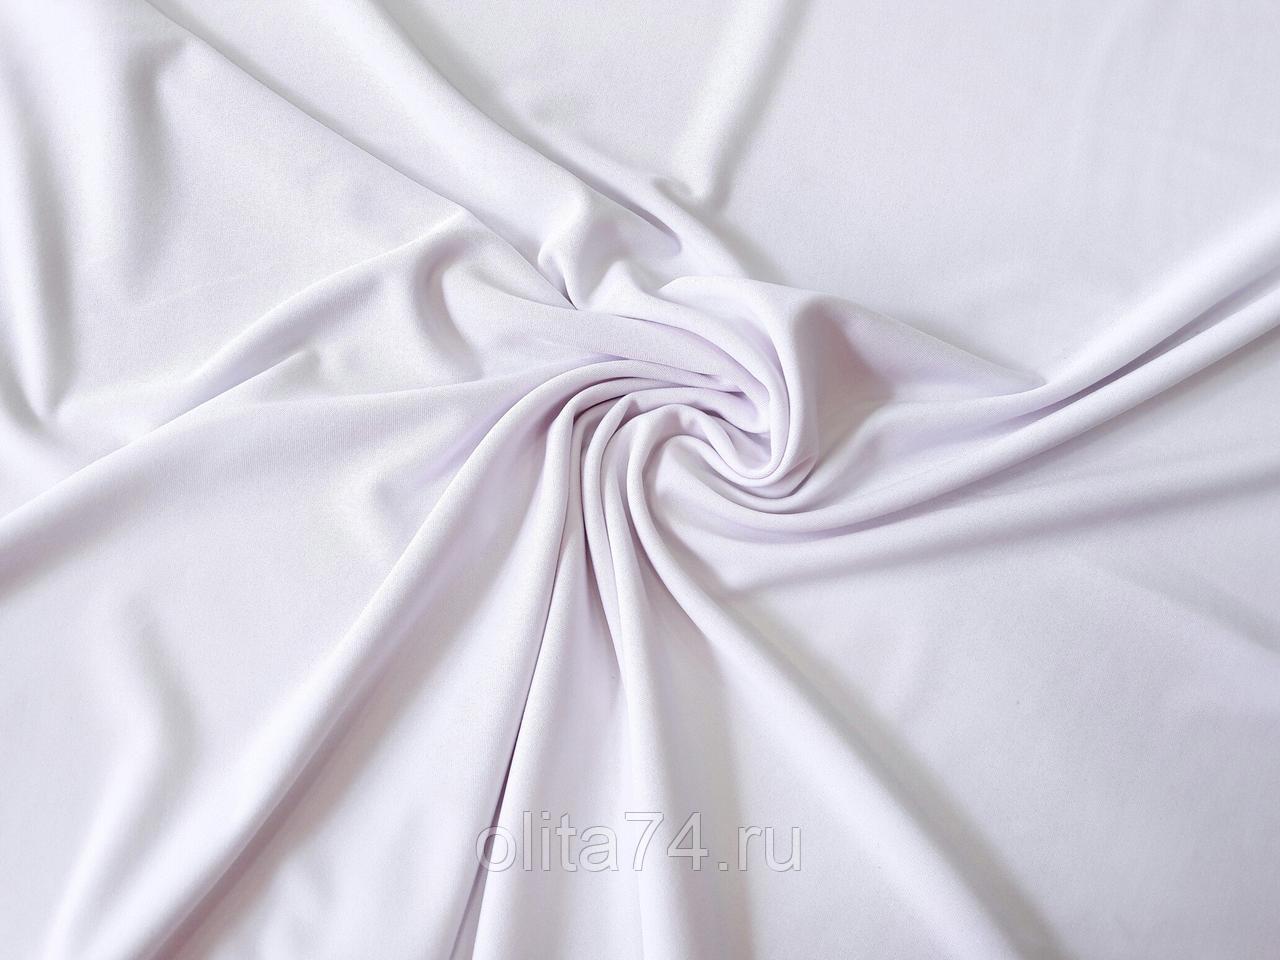 Ткань масло22